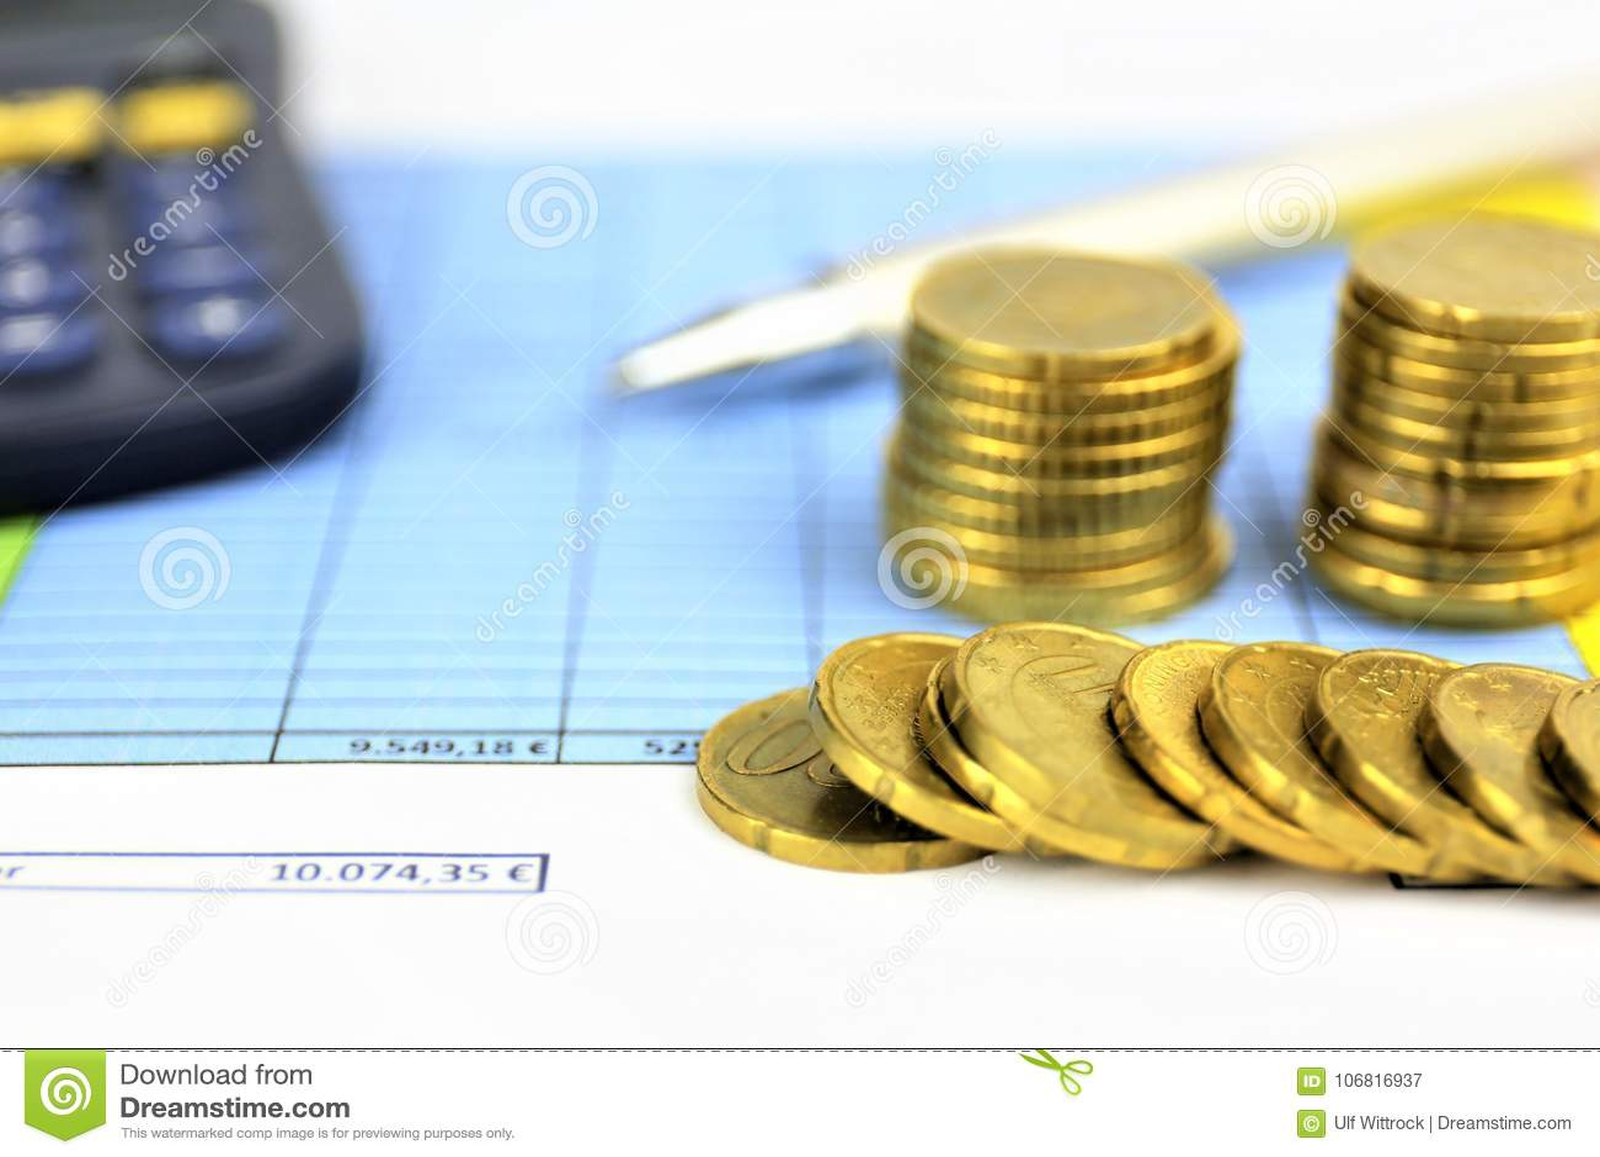 Un immagine di concetto di soldi, calcolatore, penna